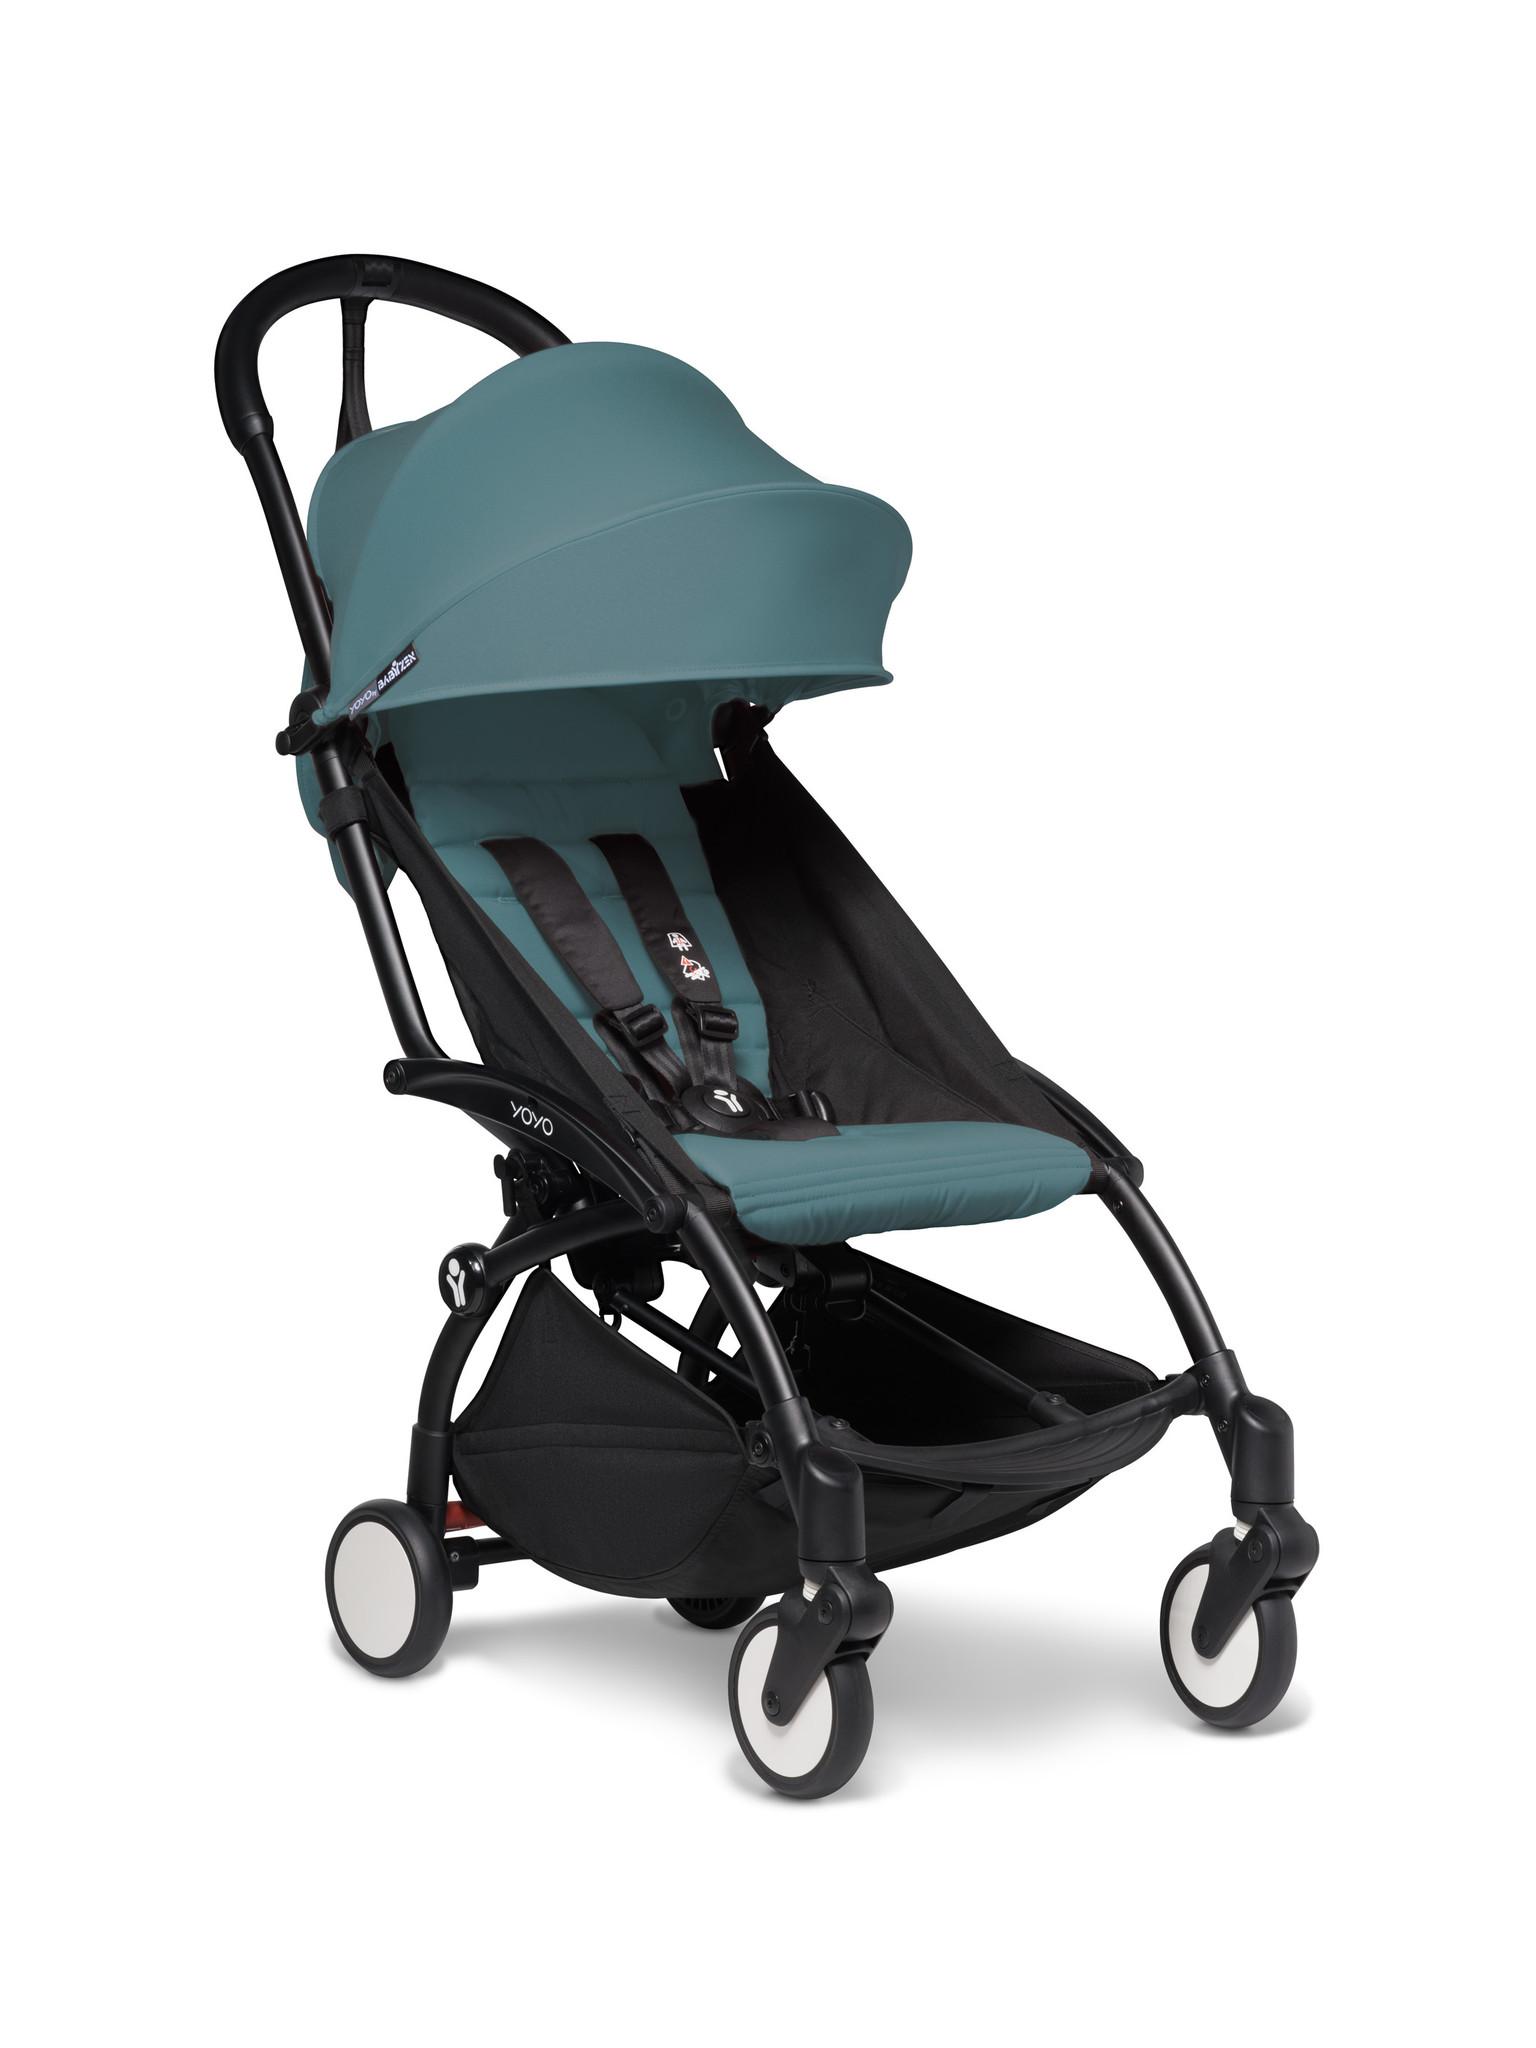 Babyzen Babyzen YOYO² buggy vanaf 6 maanden inclusief beensteun -  aqua met frame zwart